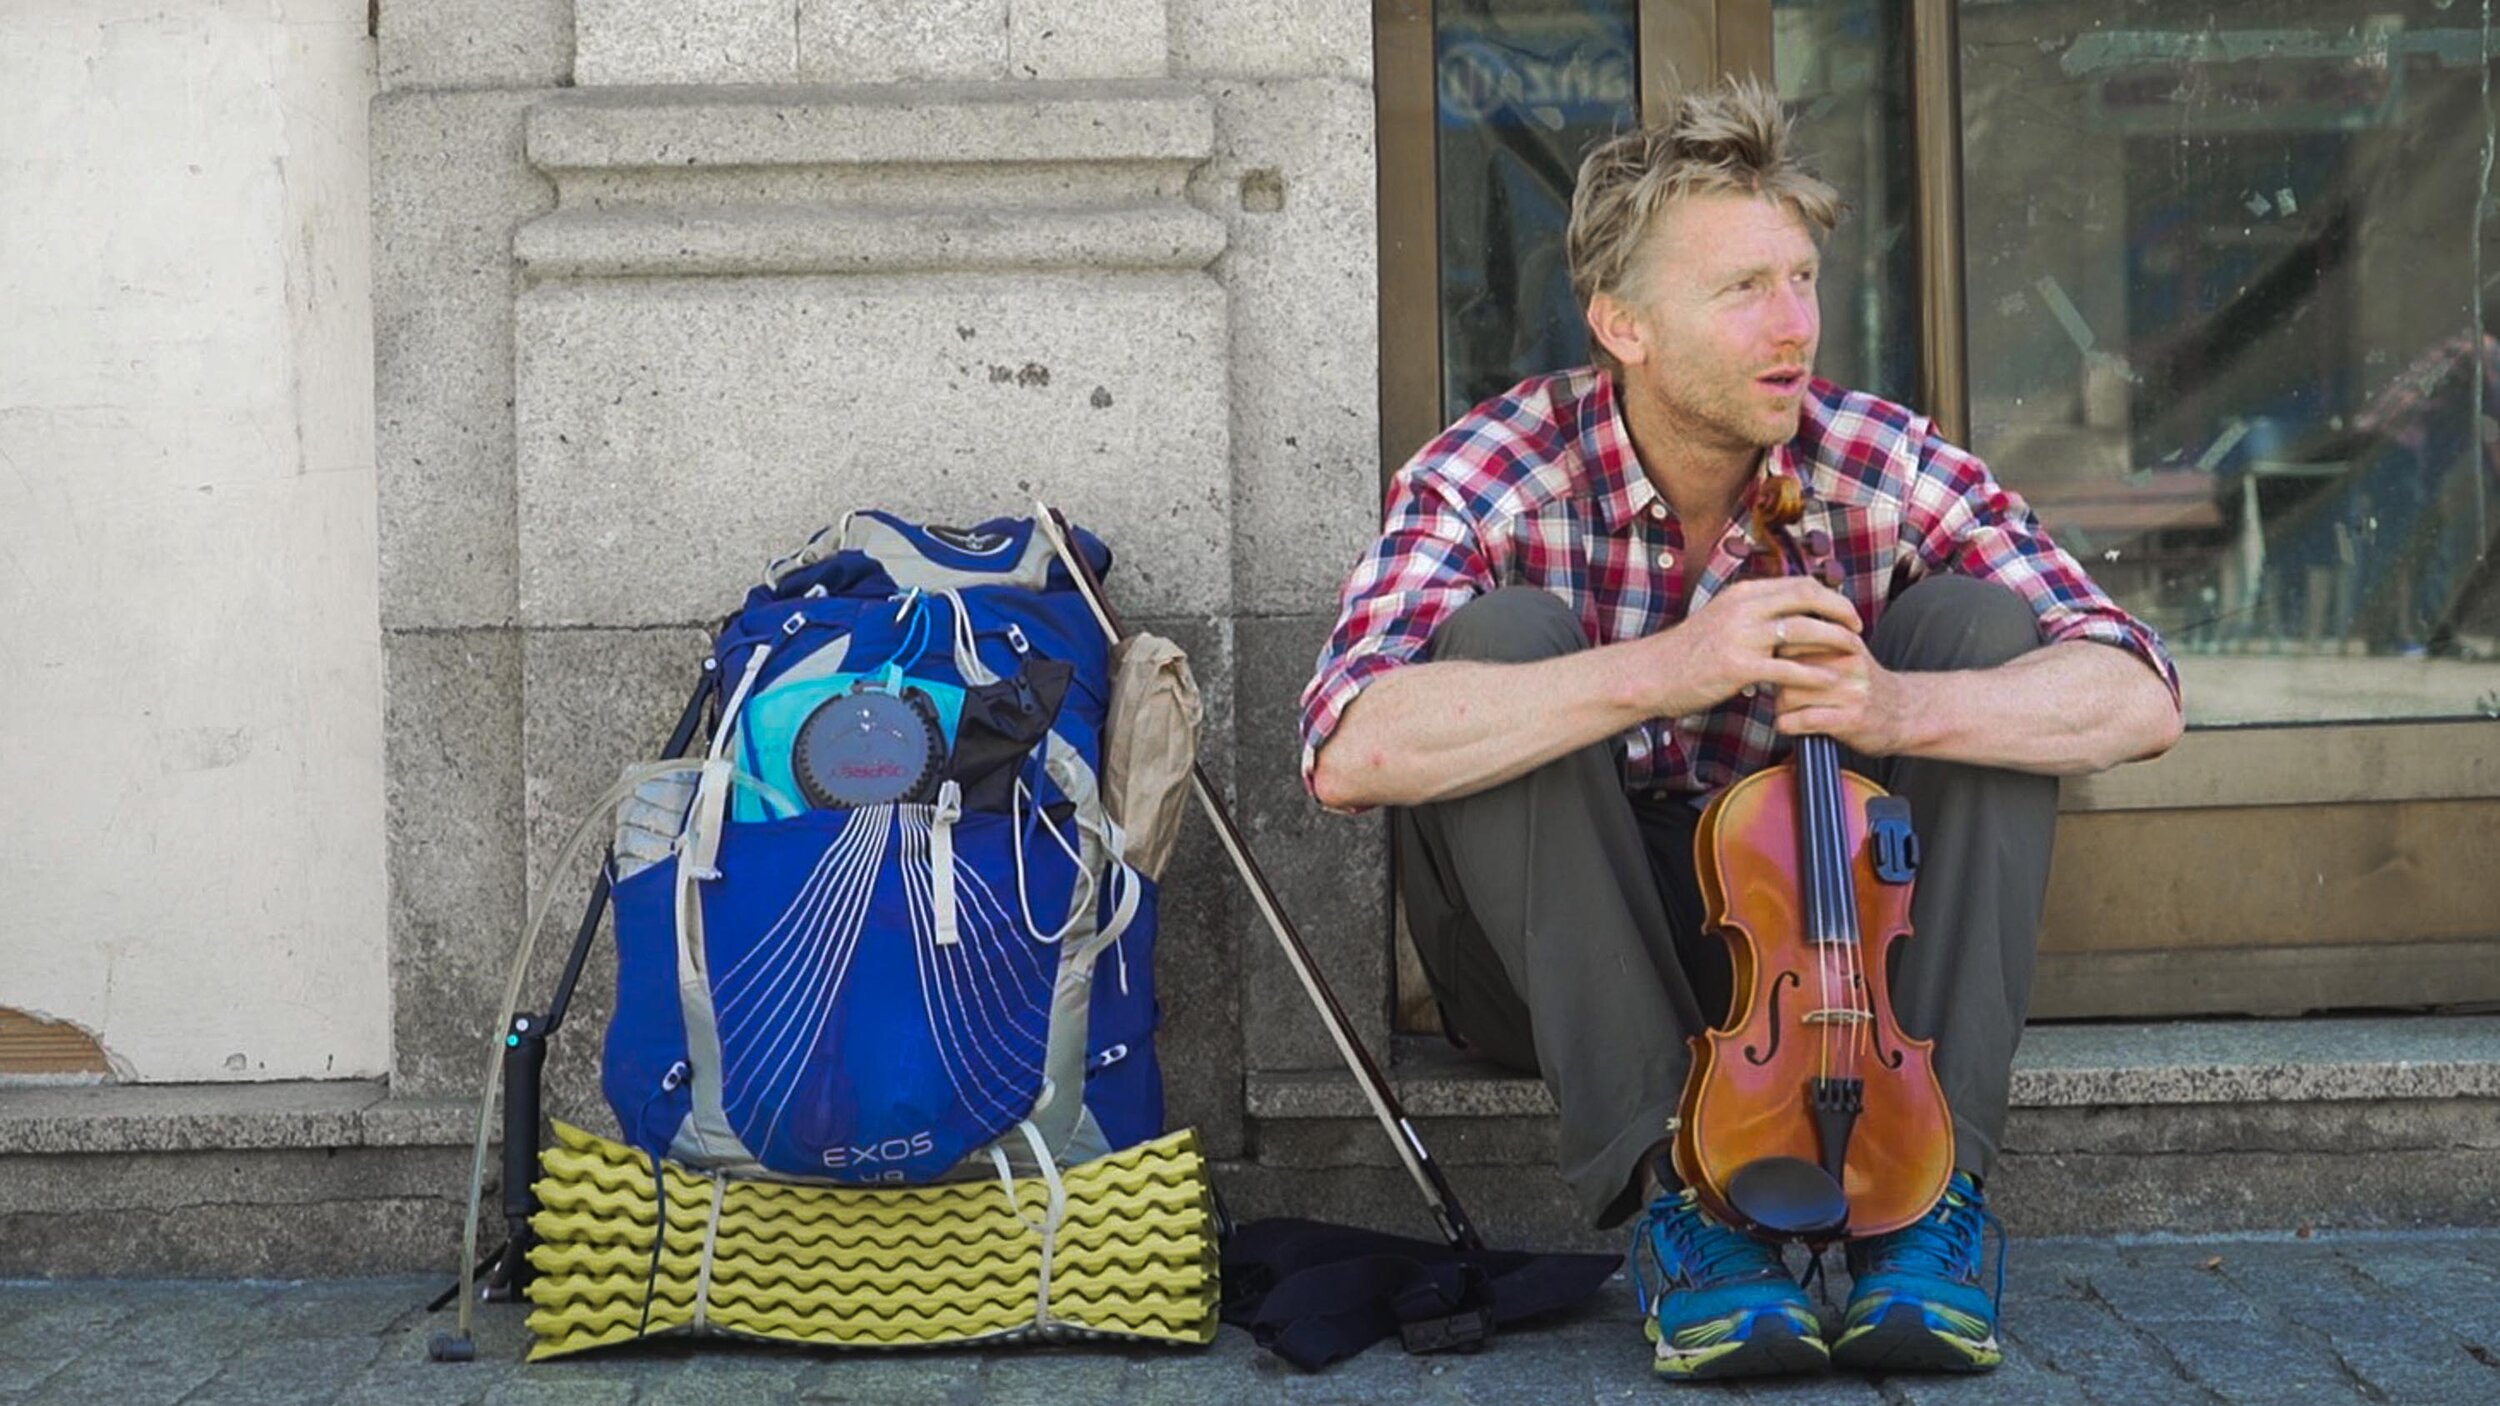 Alastair Humphreys (Photo courtesy Alastair Humphreys)